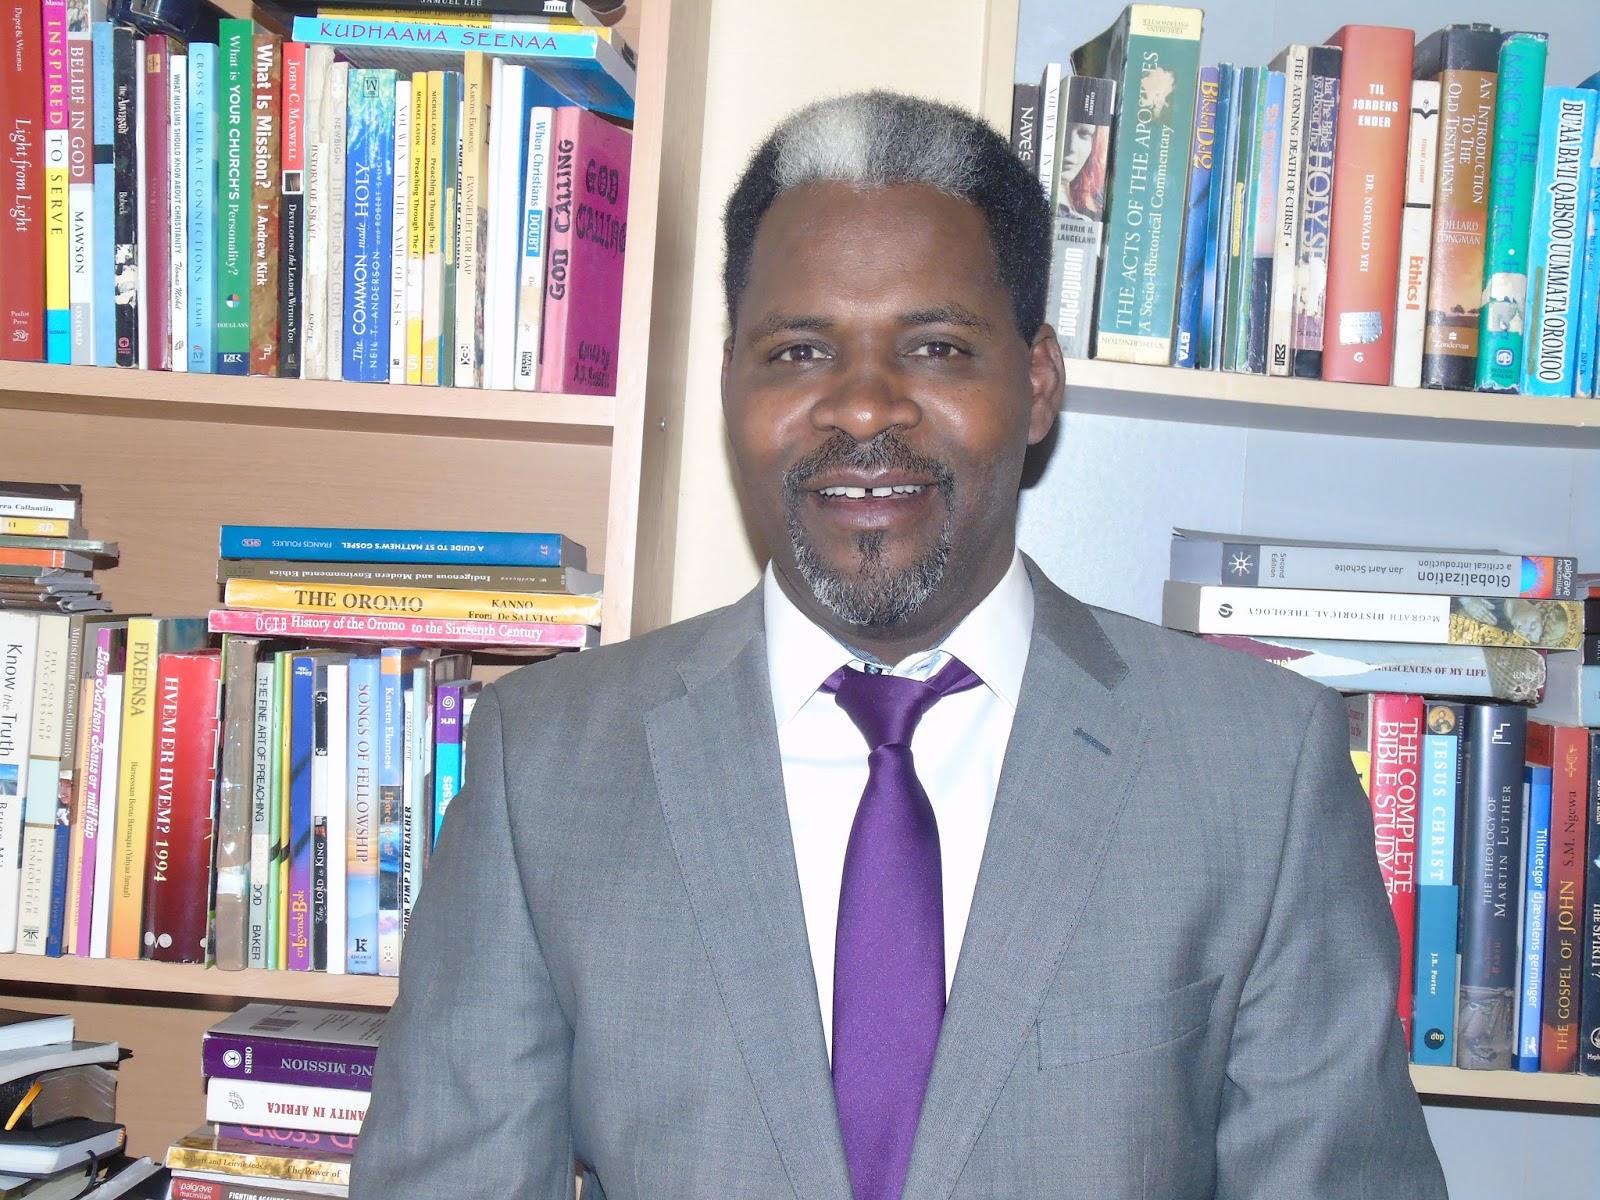 Madda Walaabuu Press: New Book By Oromo Theologian and Intellectual